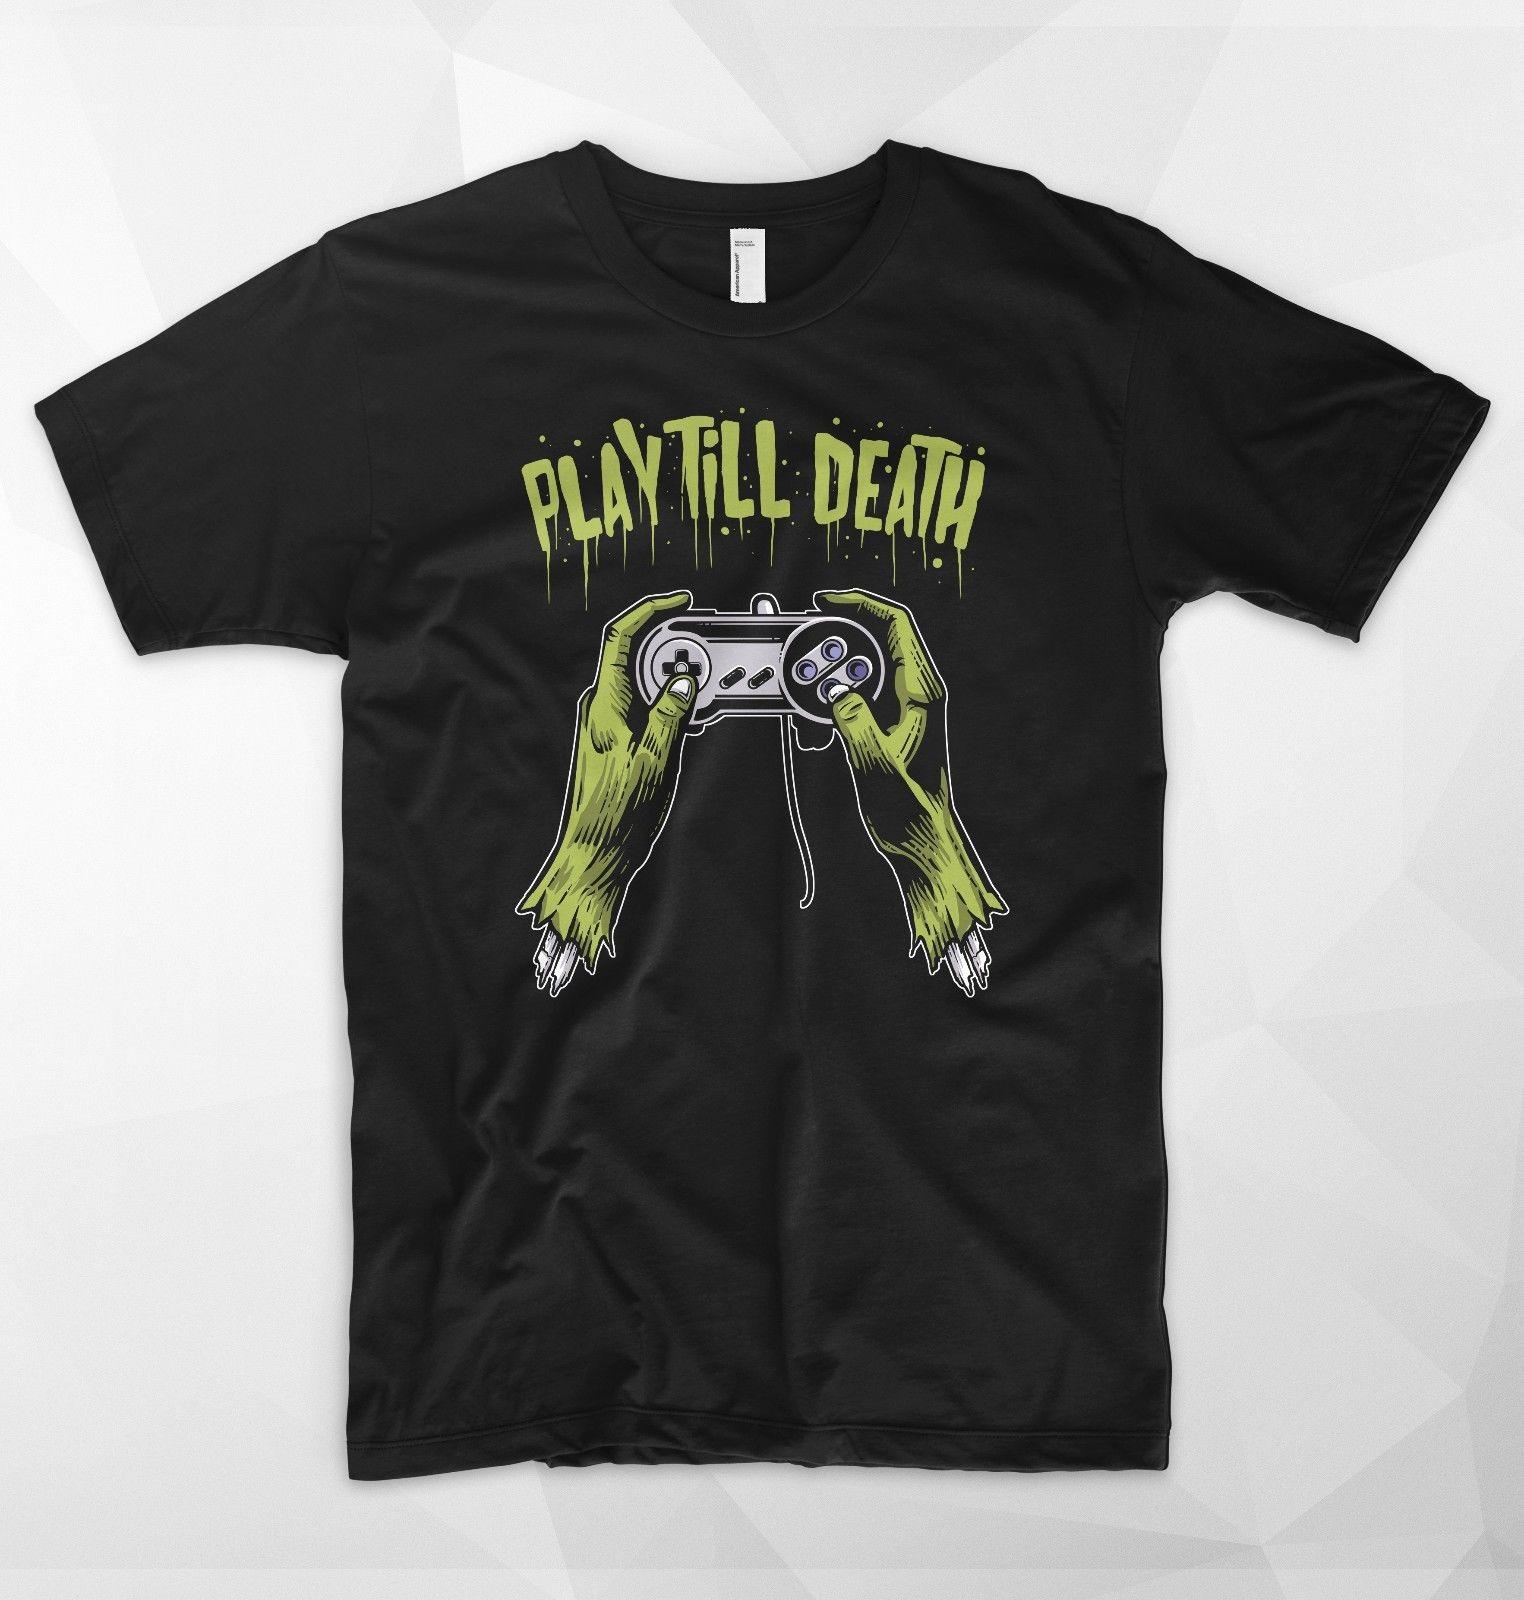 Играть до смерти майка зомби nerd-мастер Gamer nes snes консоли ПК, выберите оружие